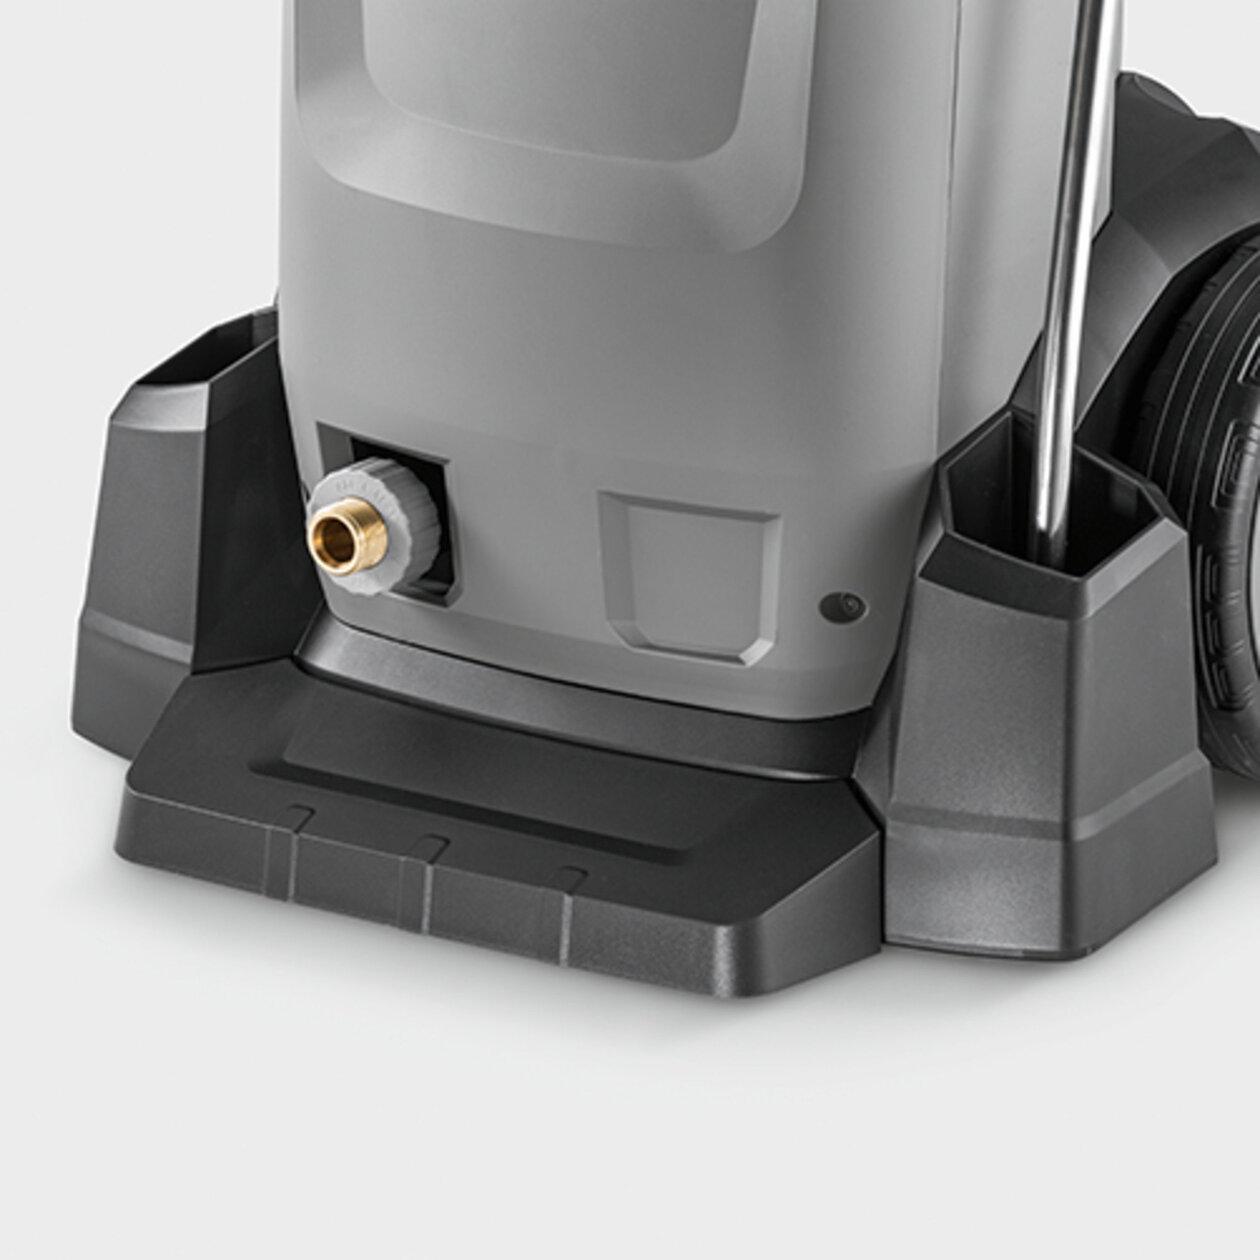 Vysokotlaký čistič HD 8/18-4 MXA Plus *EU: Doplňková opěrná noha